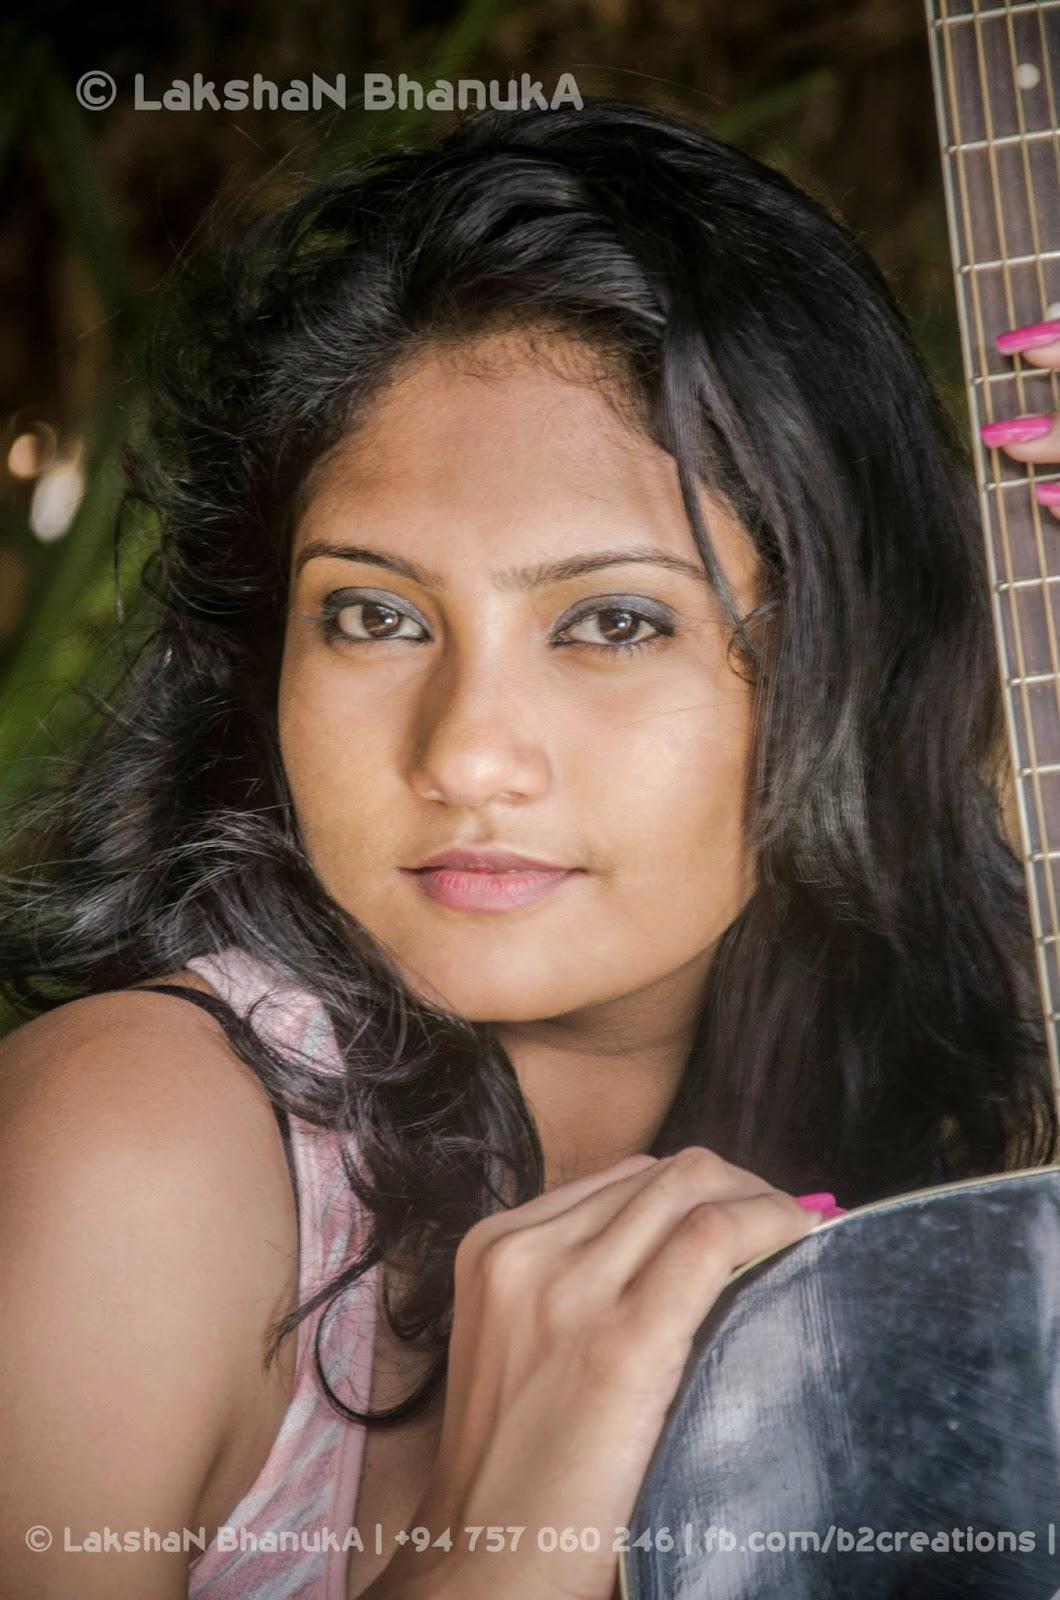 Lakshan Bhanuka